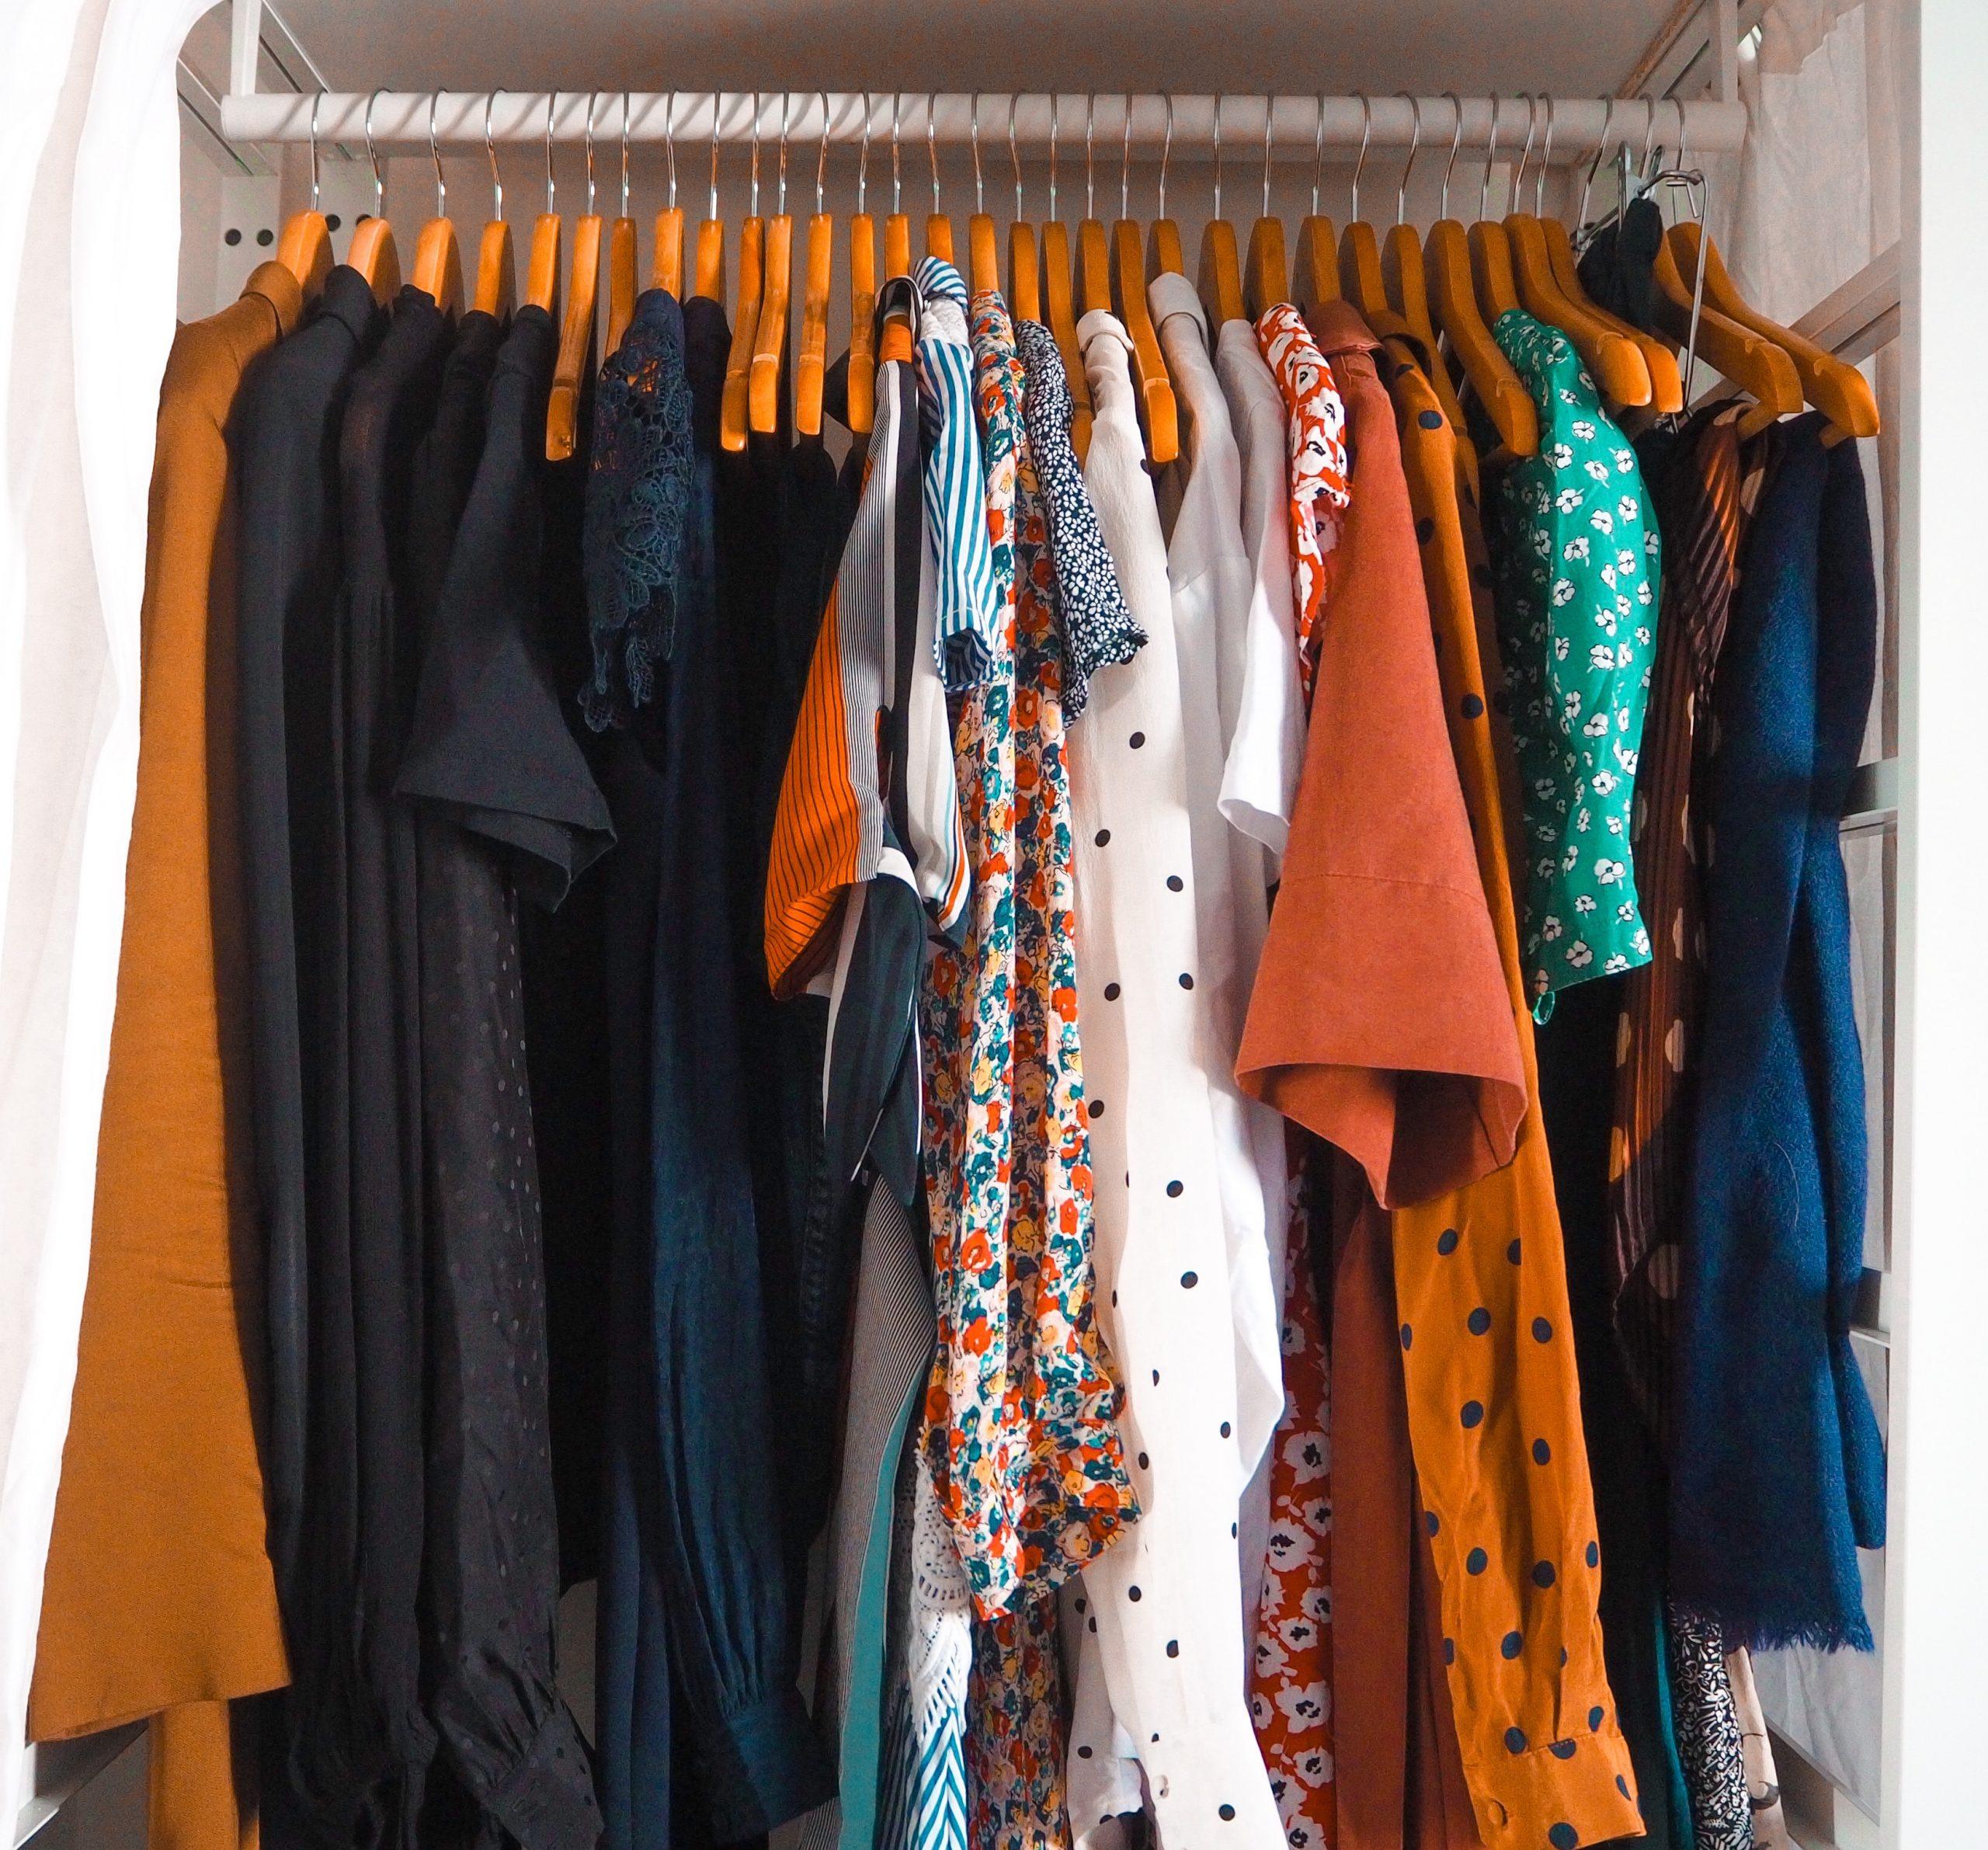 Comment j'ai créé ma capsule wardrobe, capsule wardrobe, minimalisme, déconsommation